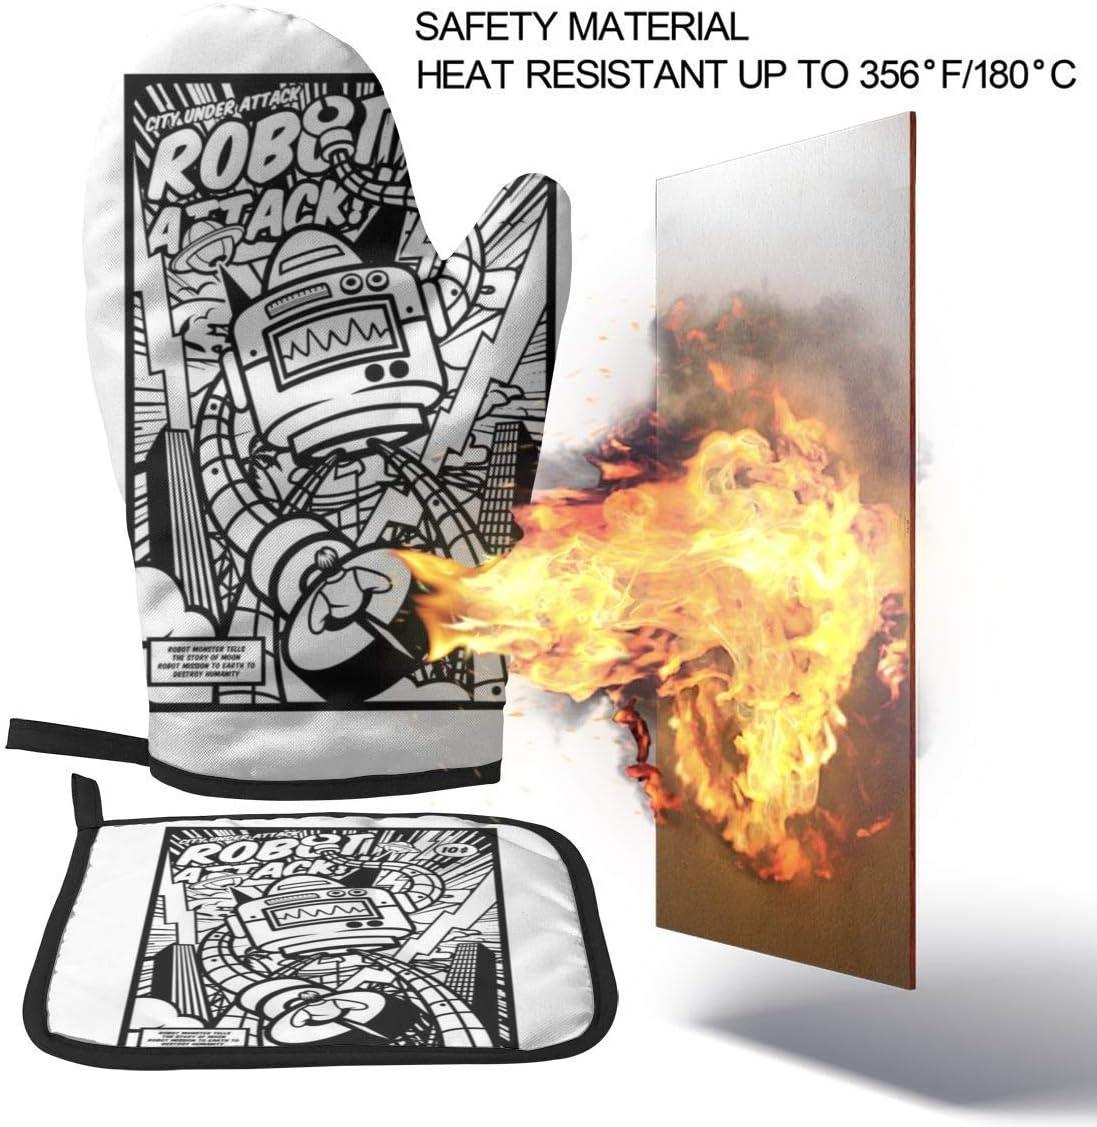 Mjmhvfhtgdcgdcx Robot Attack estilo cómico, guantes de cocina resistentes al calor, guantes de cocina: Amazon.es: Jardín